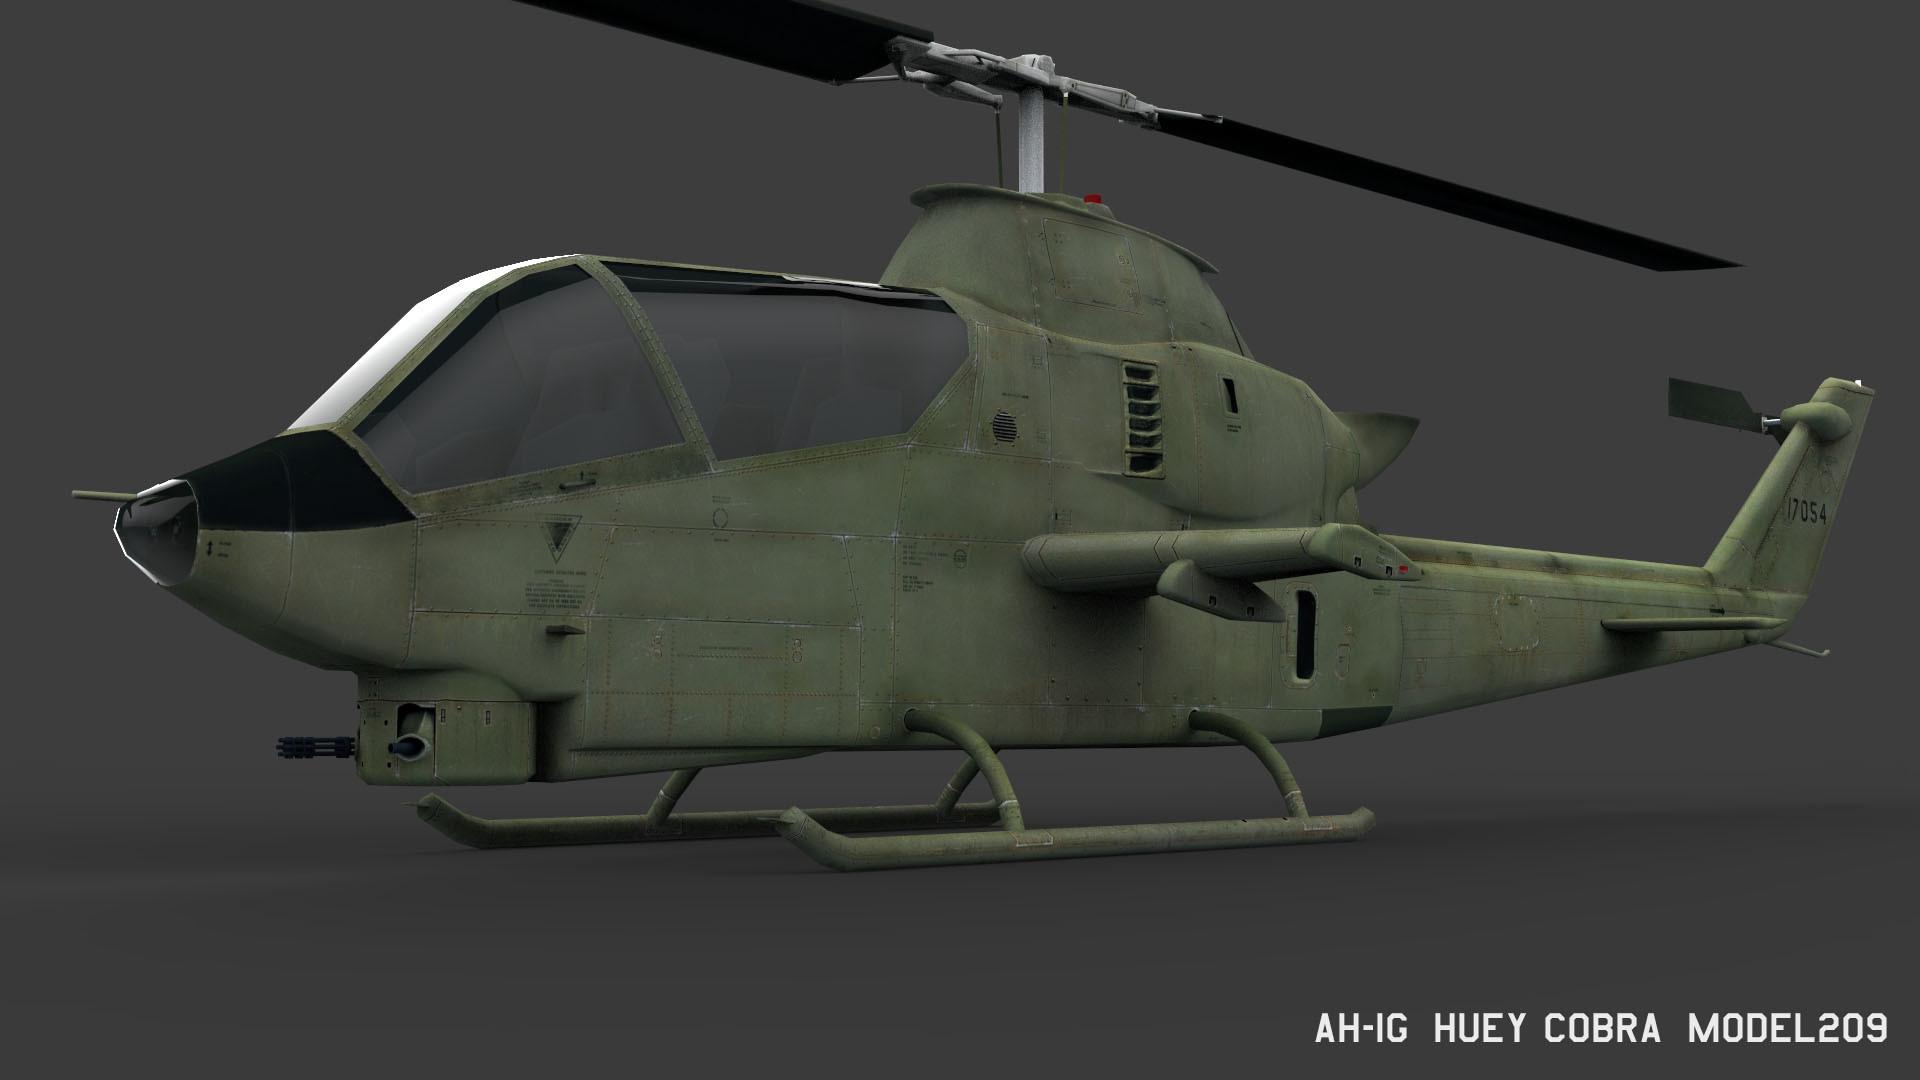 Dzmitry ivanou ah 1g hueycobra model209 01